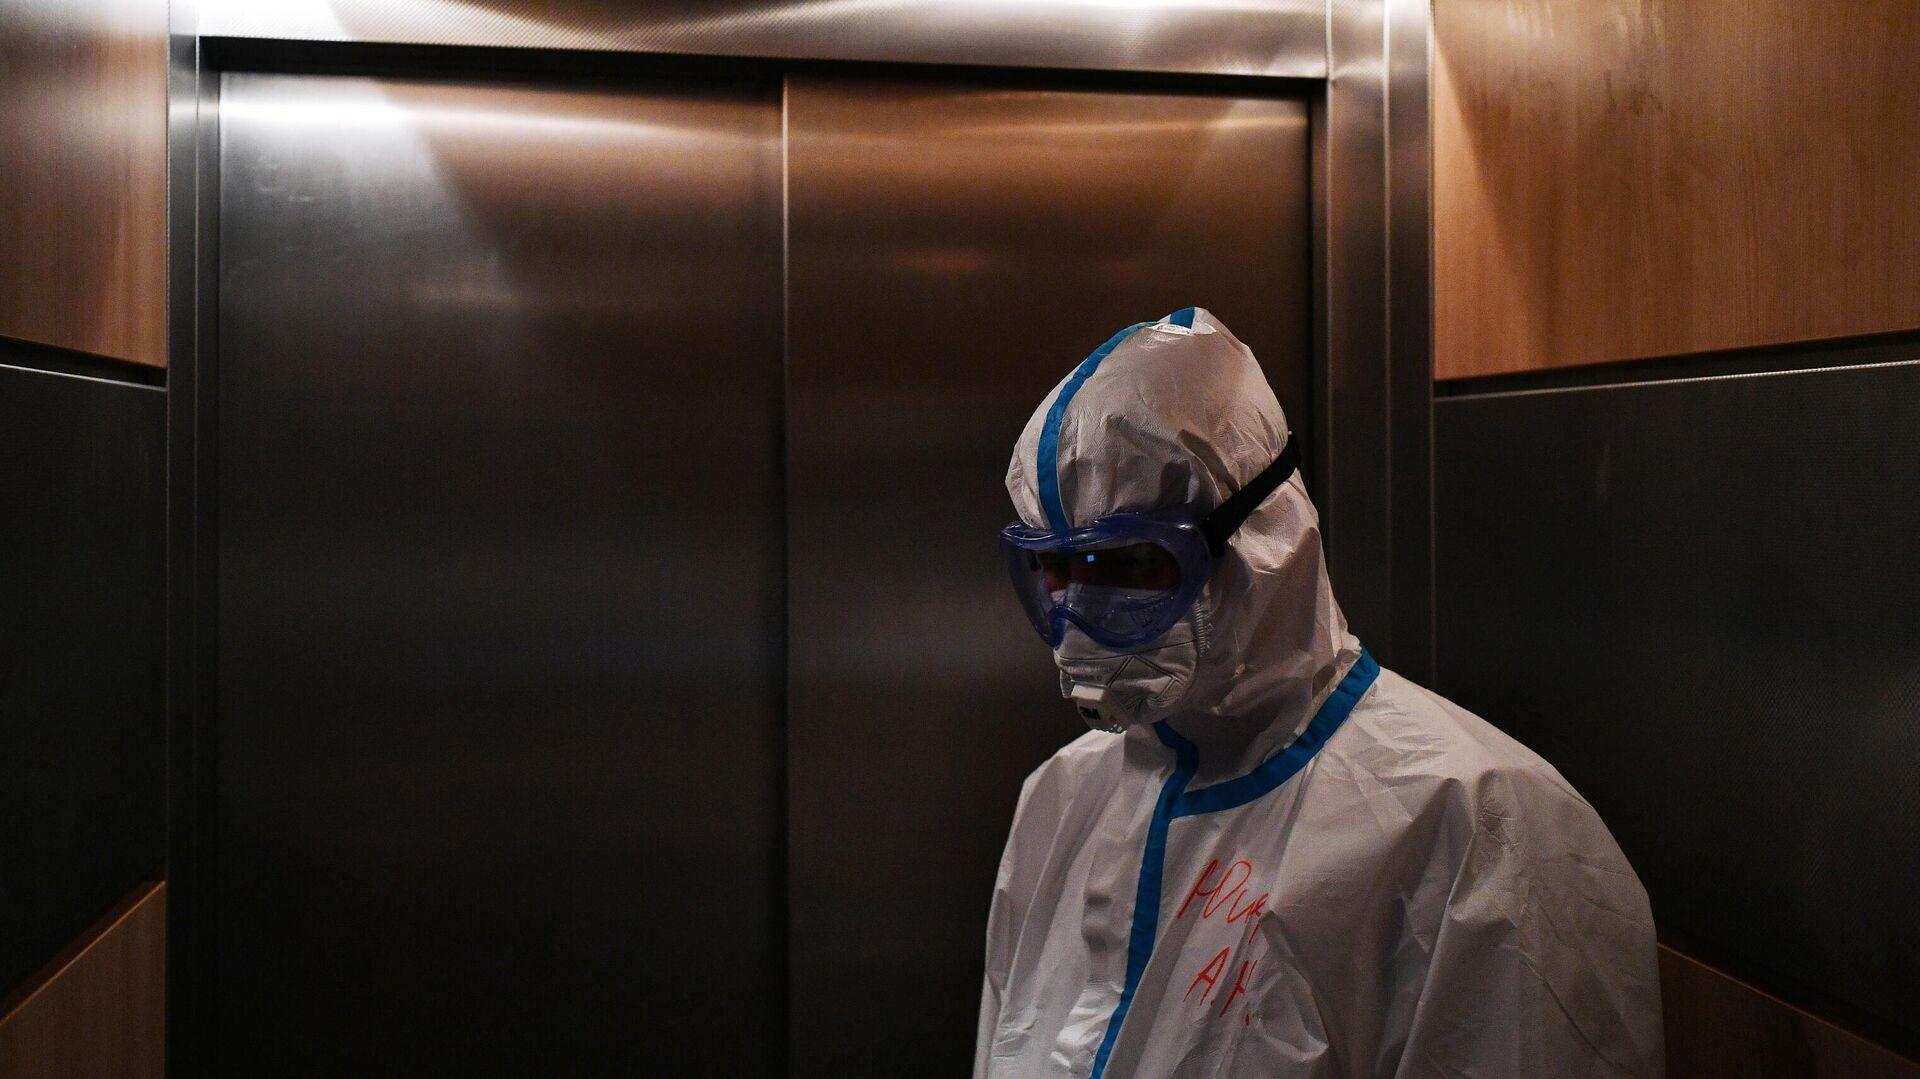 Медицинский работник в лифте в одном из отделений госпиталя COVID-19 в Центре мозга и нейротехнологий ФМБА России - РИА Новости, 1920, 03.11.2020